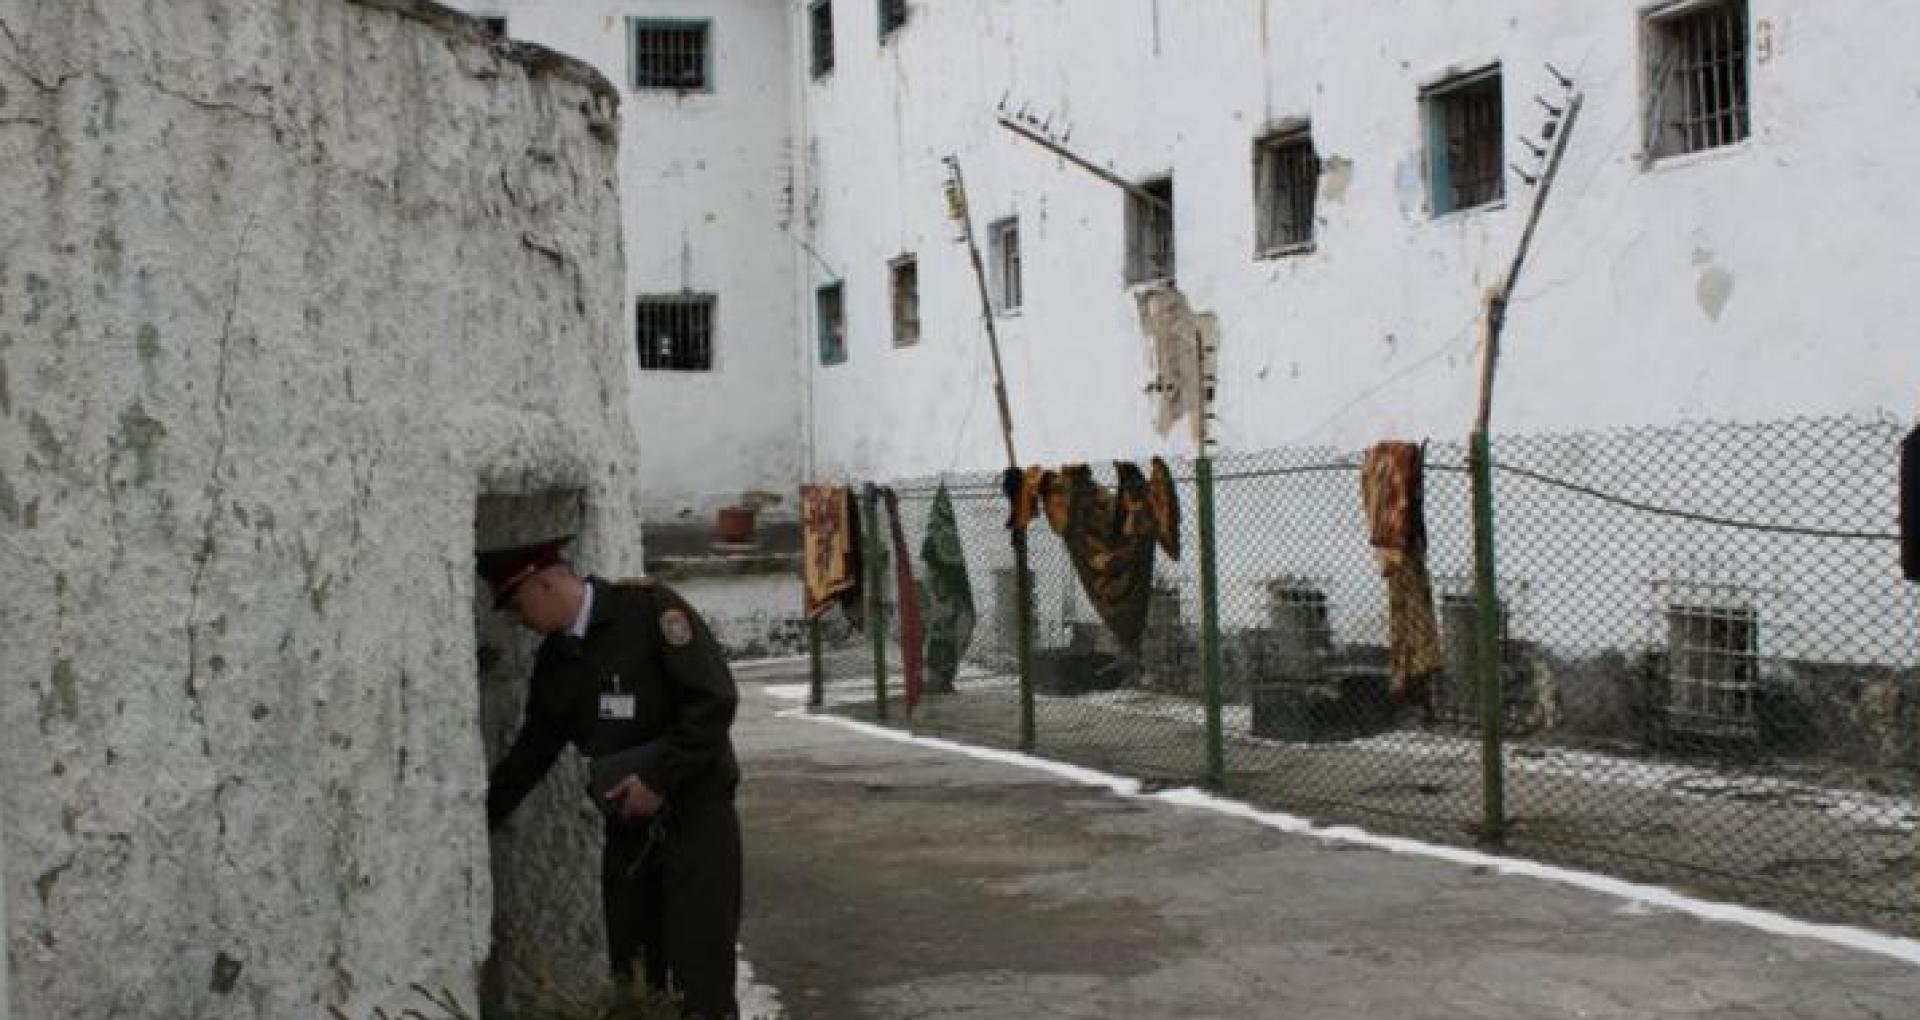 DOC/ Guvernul a aprobat un proiect de hotărâre care vizează unitatea de implementare a Proiectului de construcție a penitenciarului din Chișinău